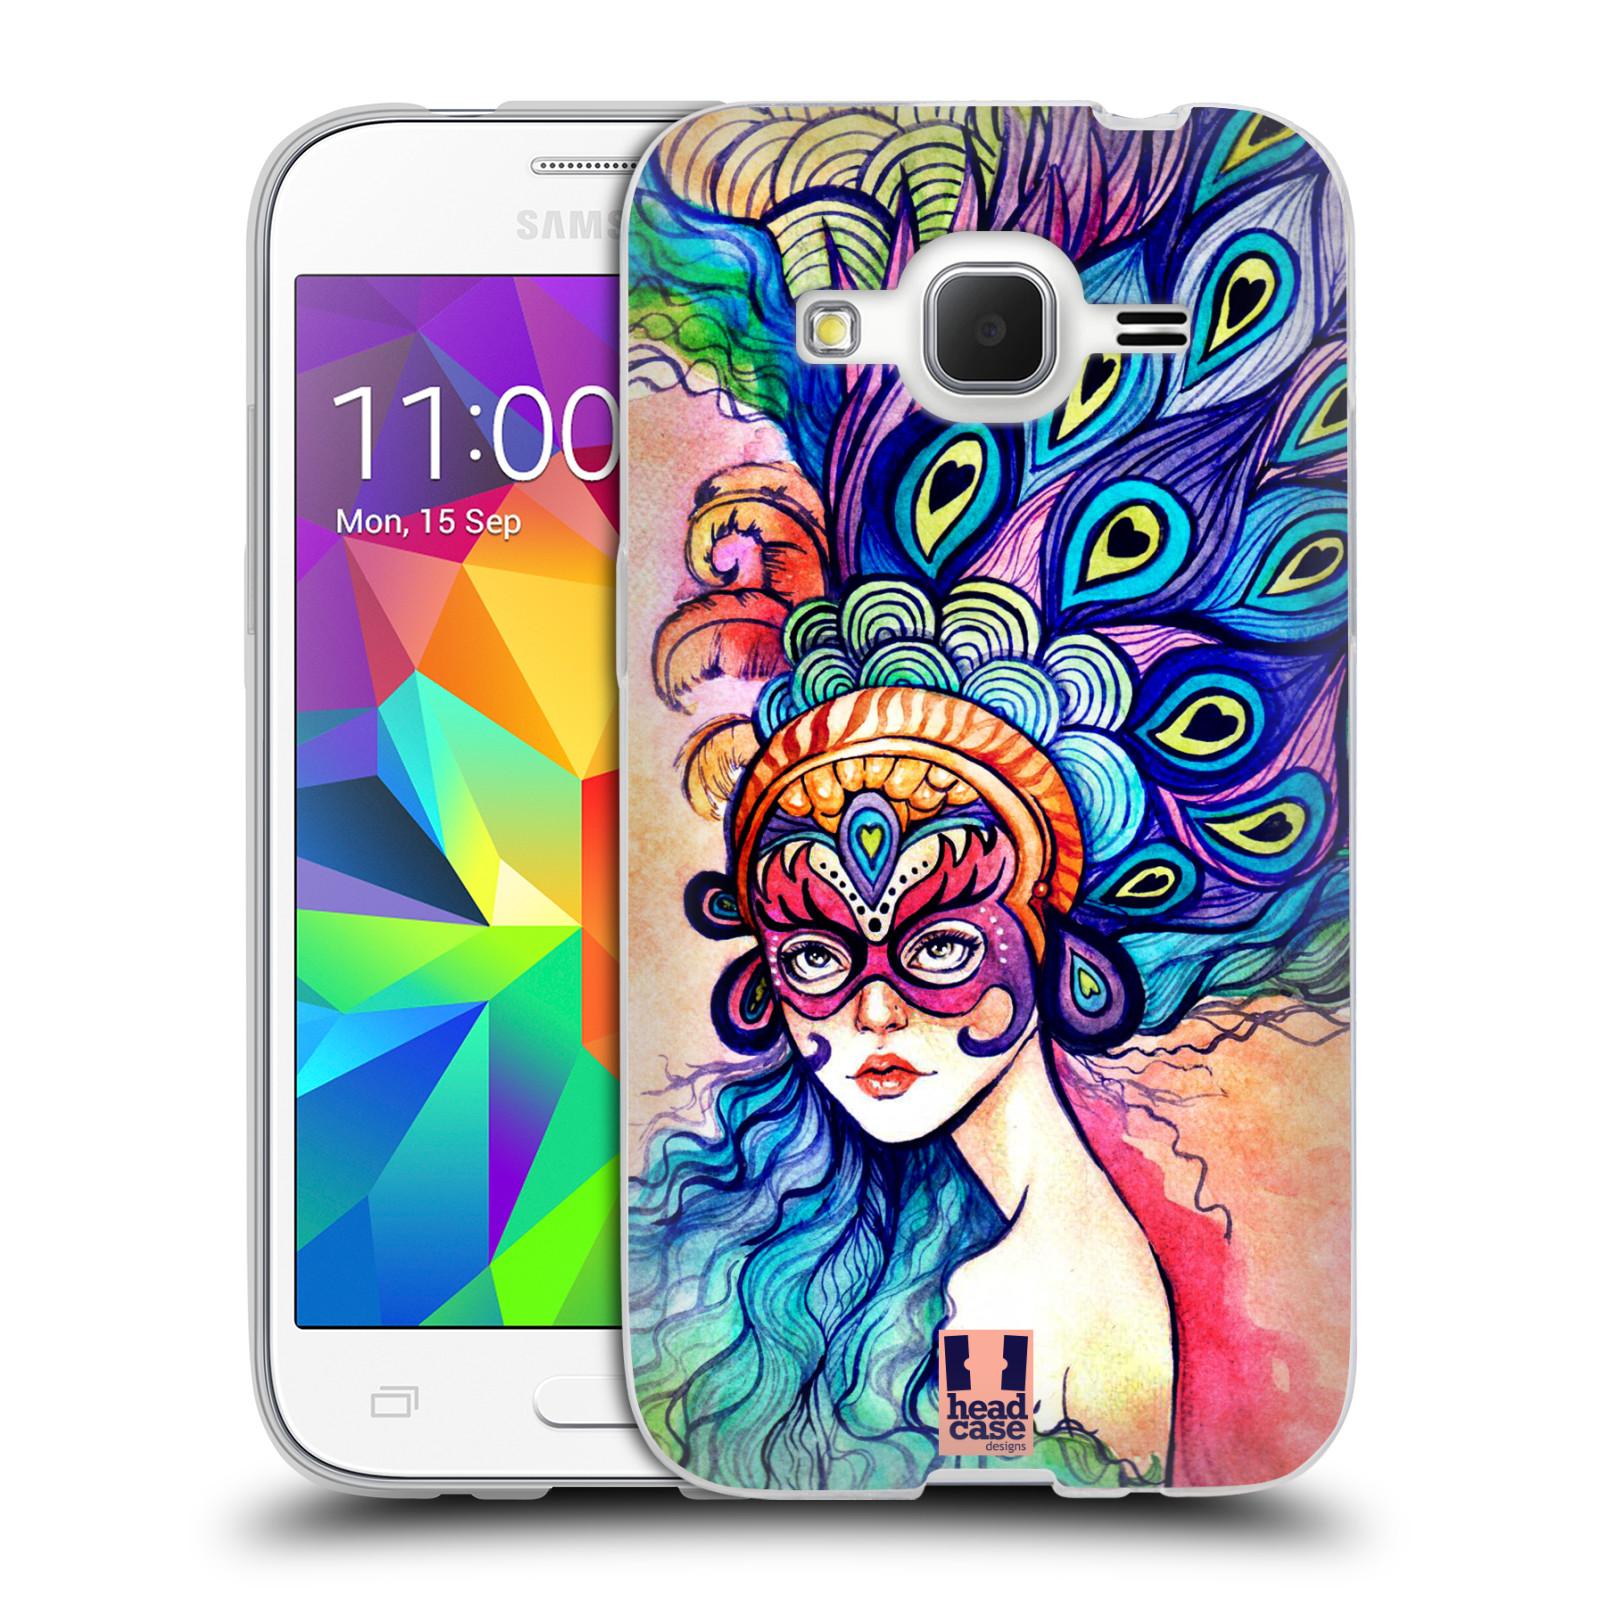 HEAD CASE silikonový obal na mobil Samsung Galaxy Core Prime (G360) vzor Maškarní ples masky kreslené vzory MODRÉ PÍRKA